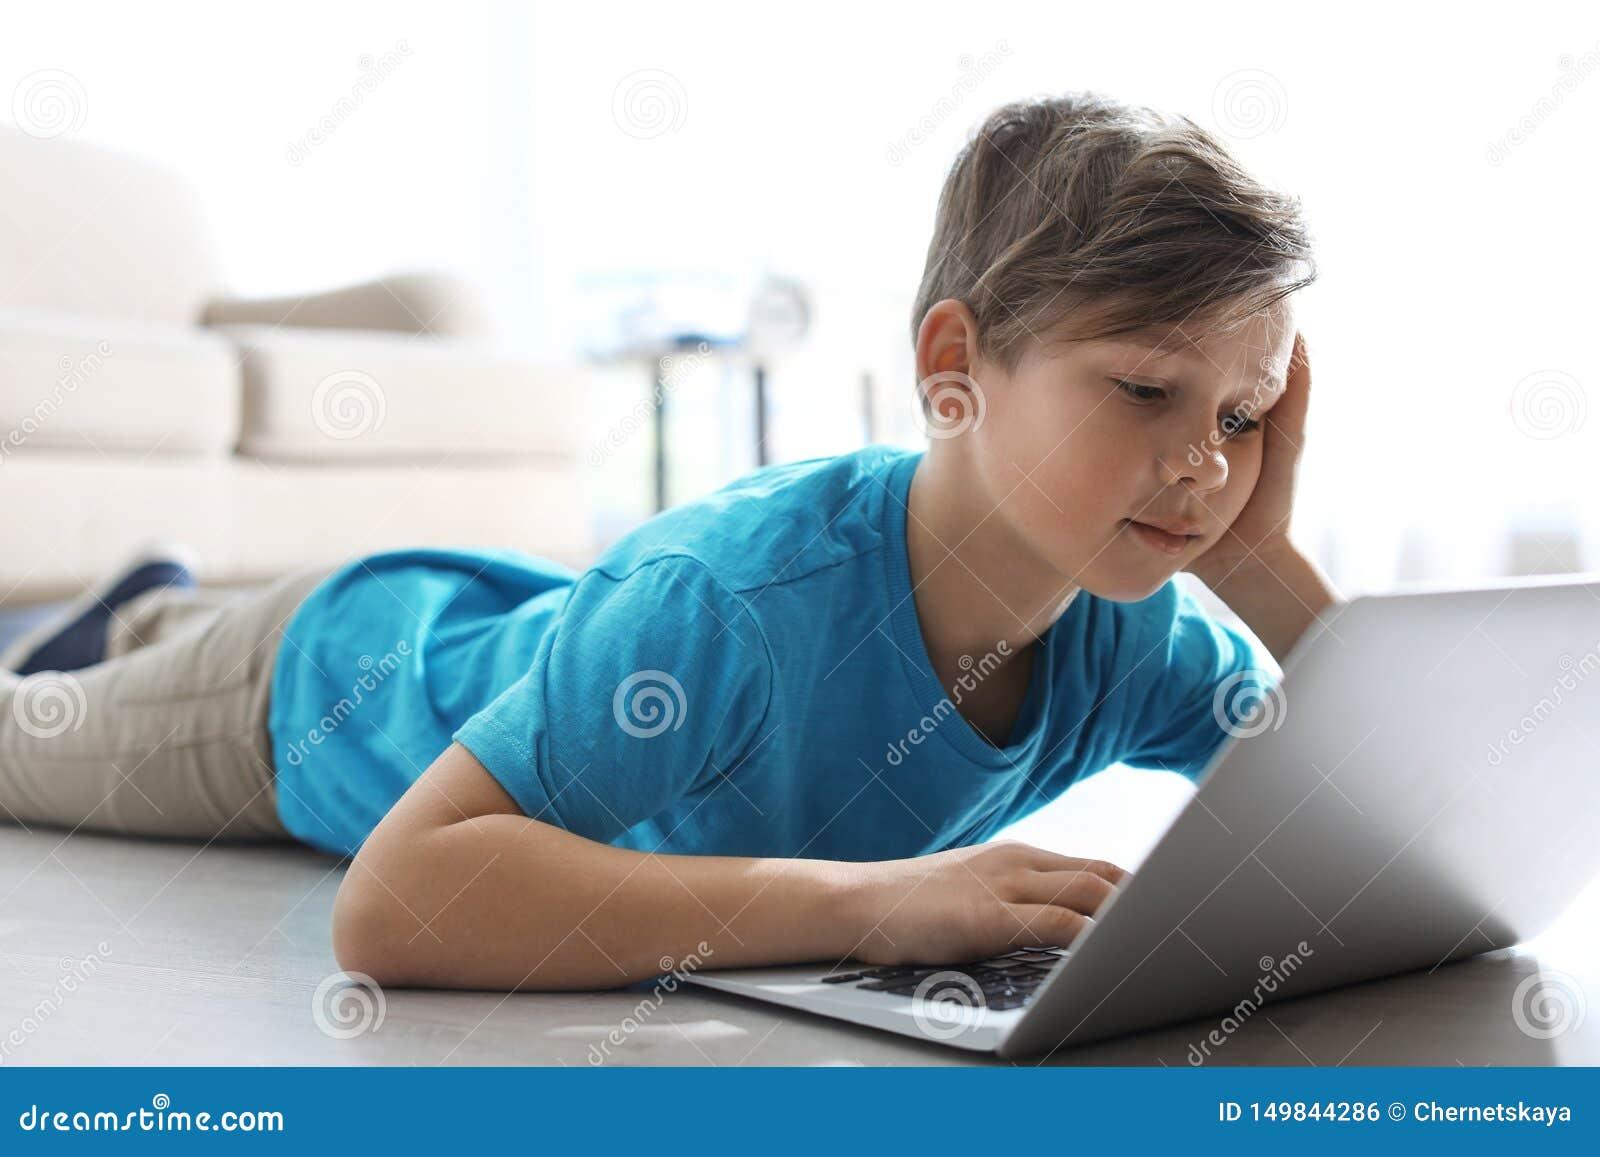 Peu enfant avec l ordinateur portable sur le plancher à l intérieur